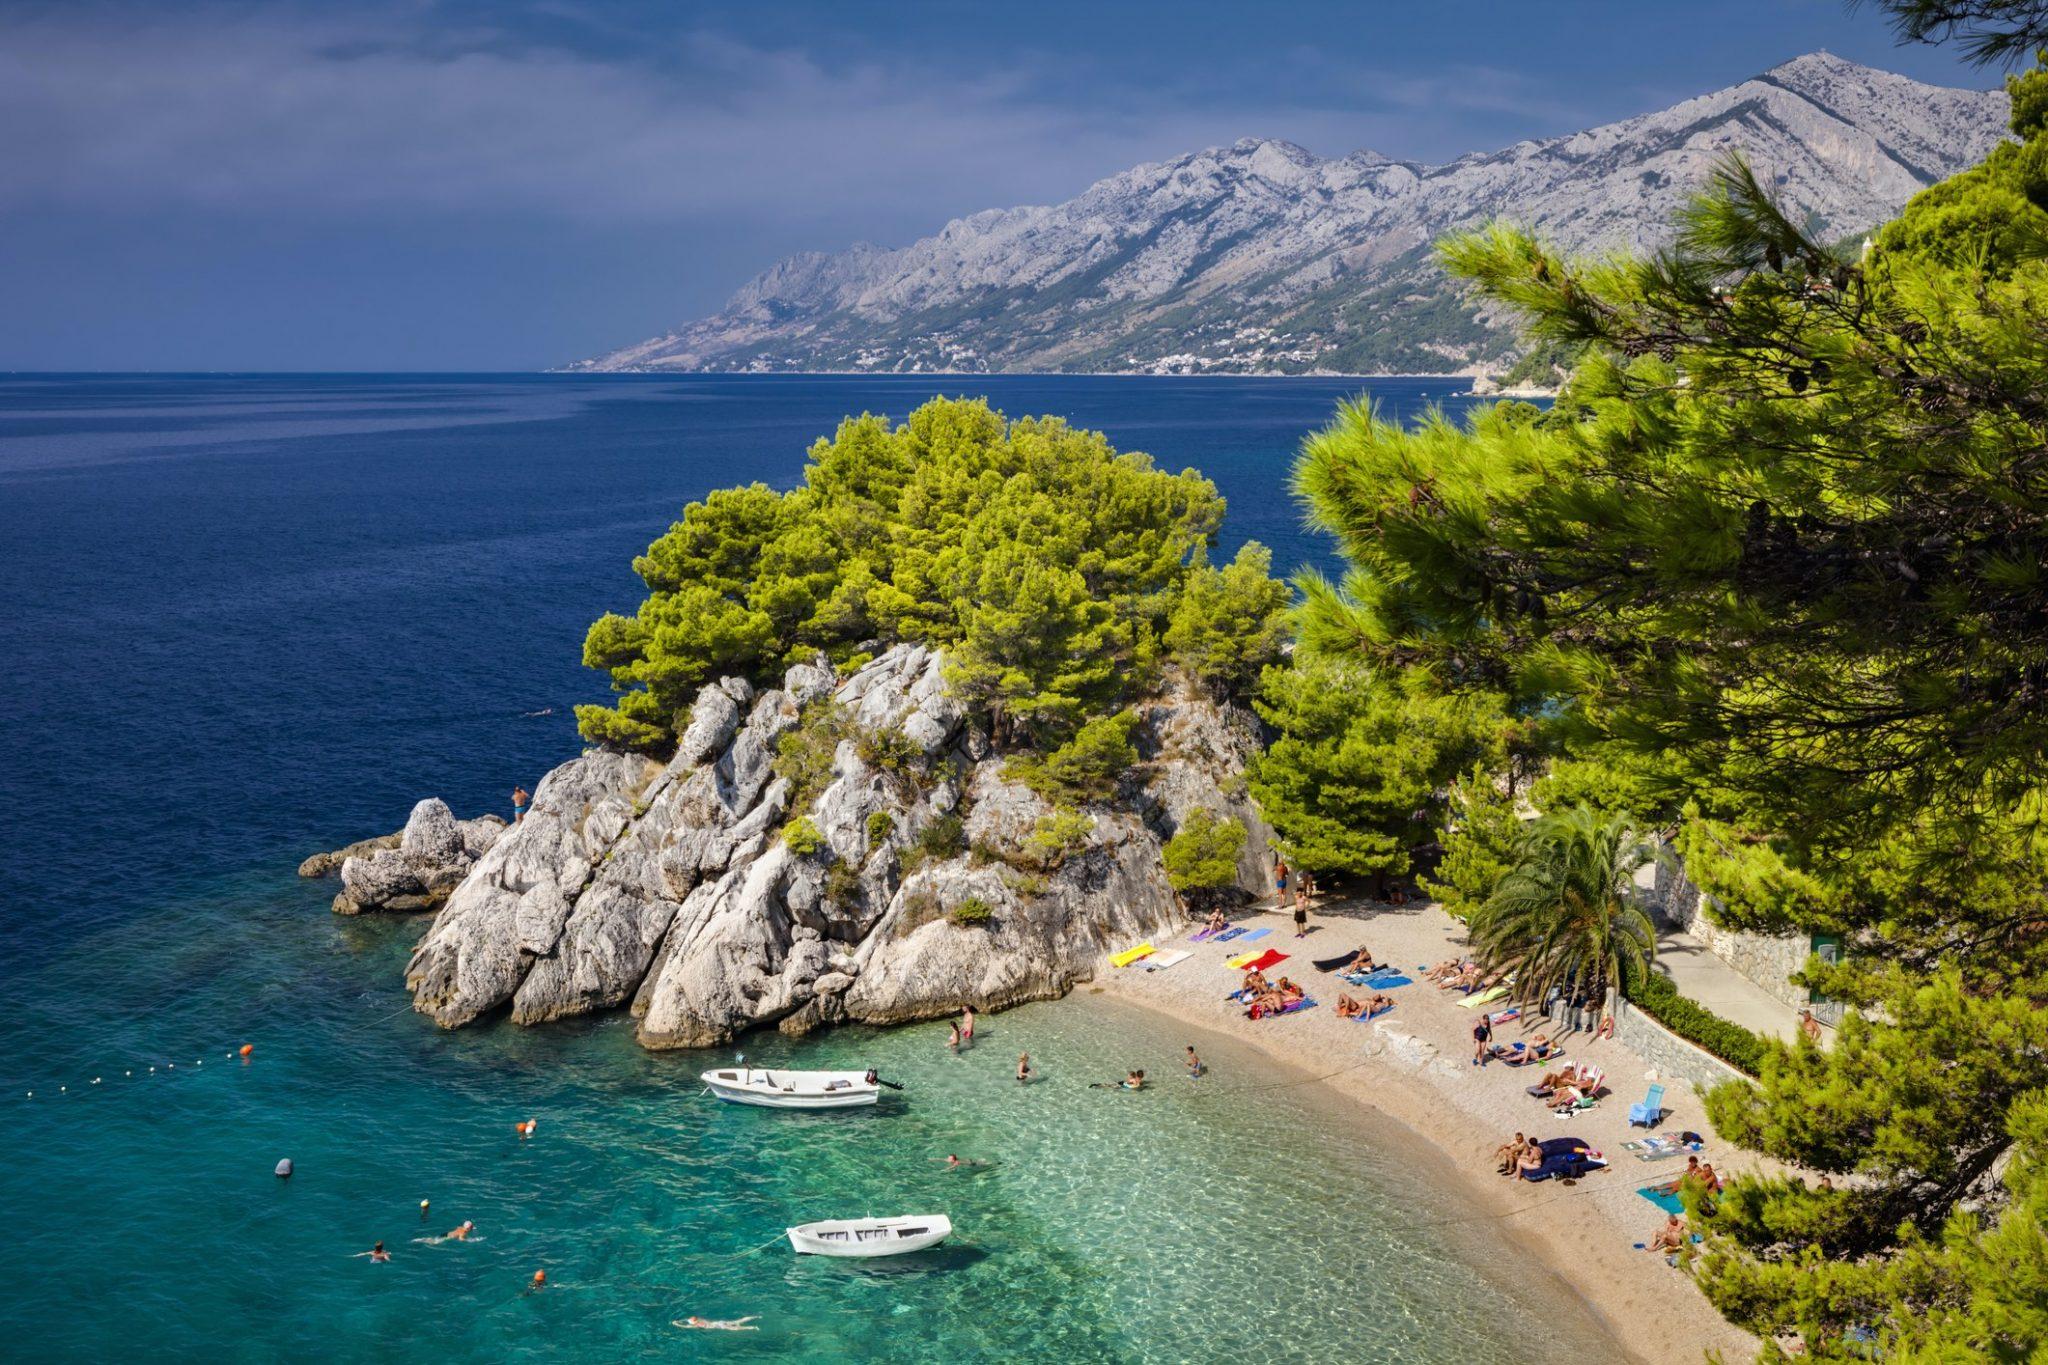 Dit zijn de mooiste reisbestemmingen in Kroatië - 3